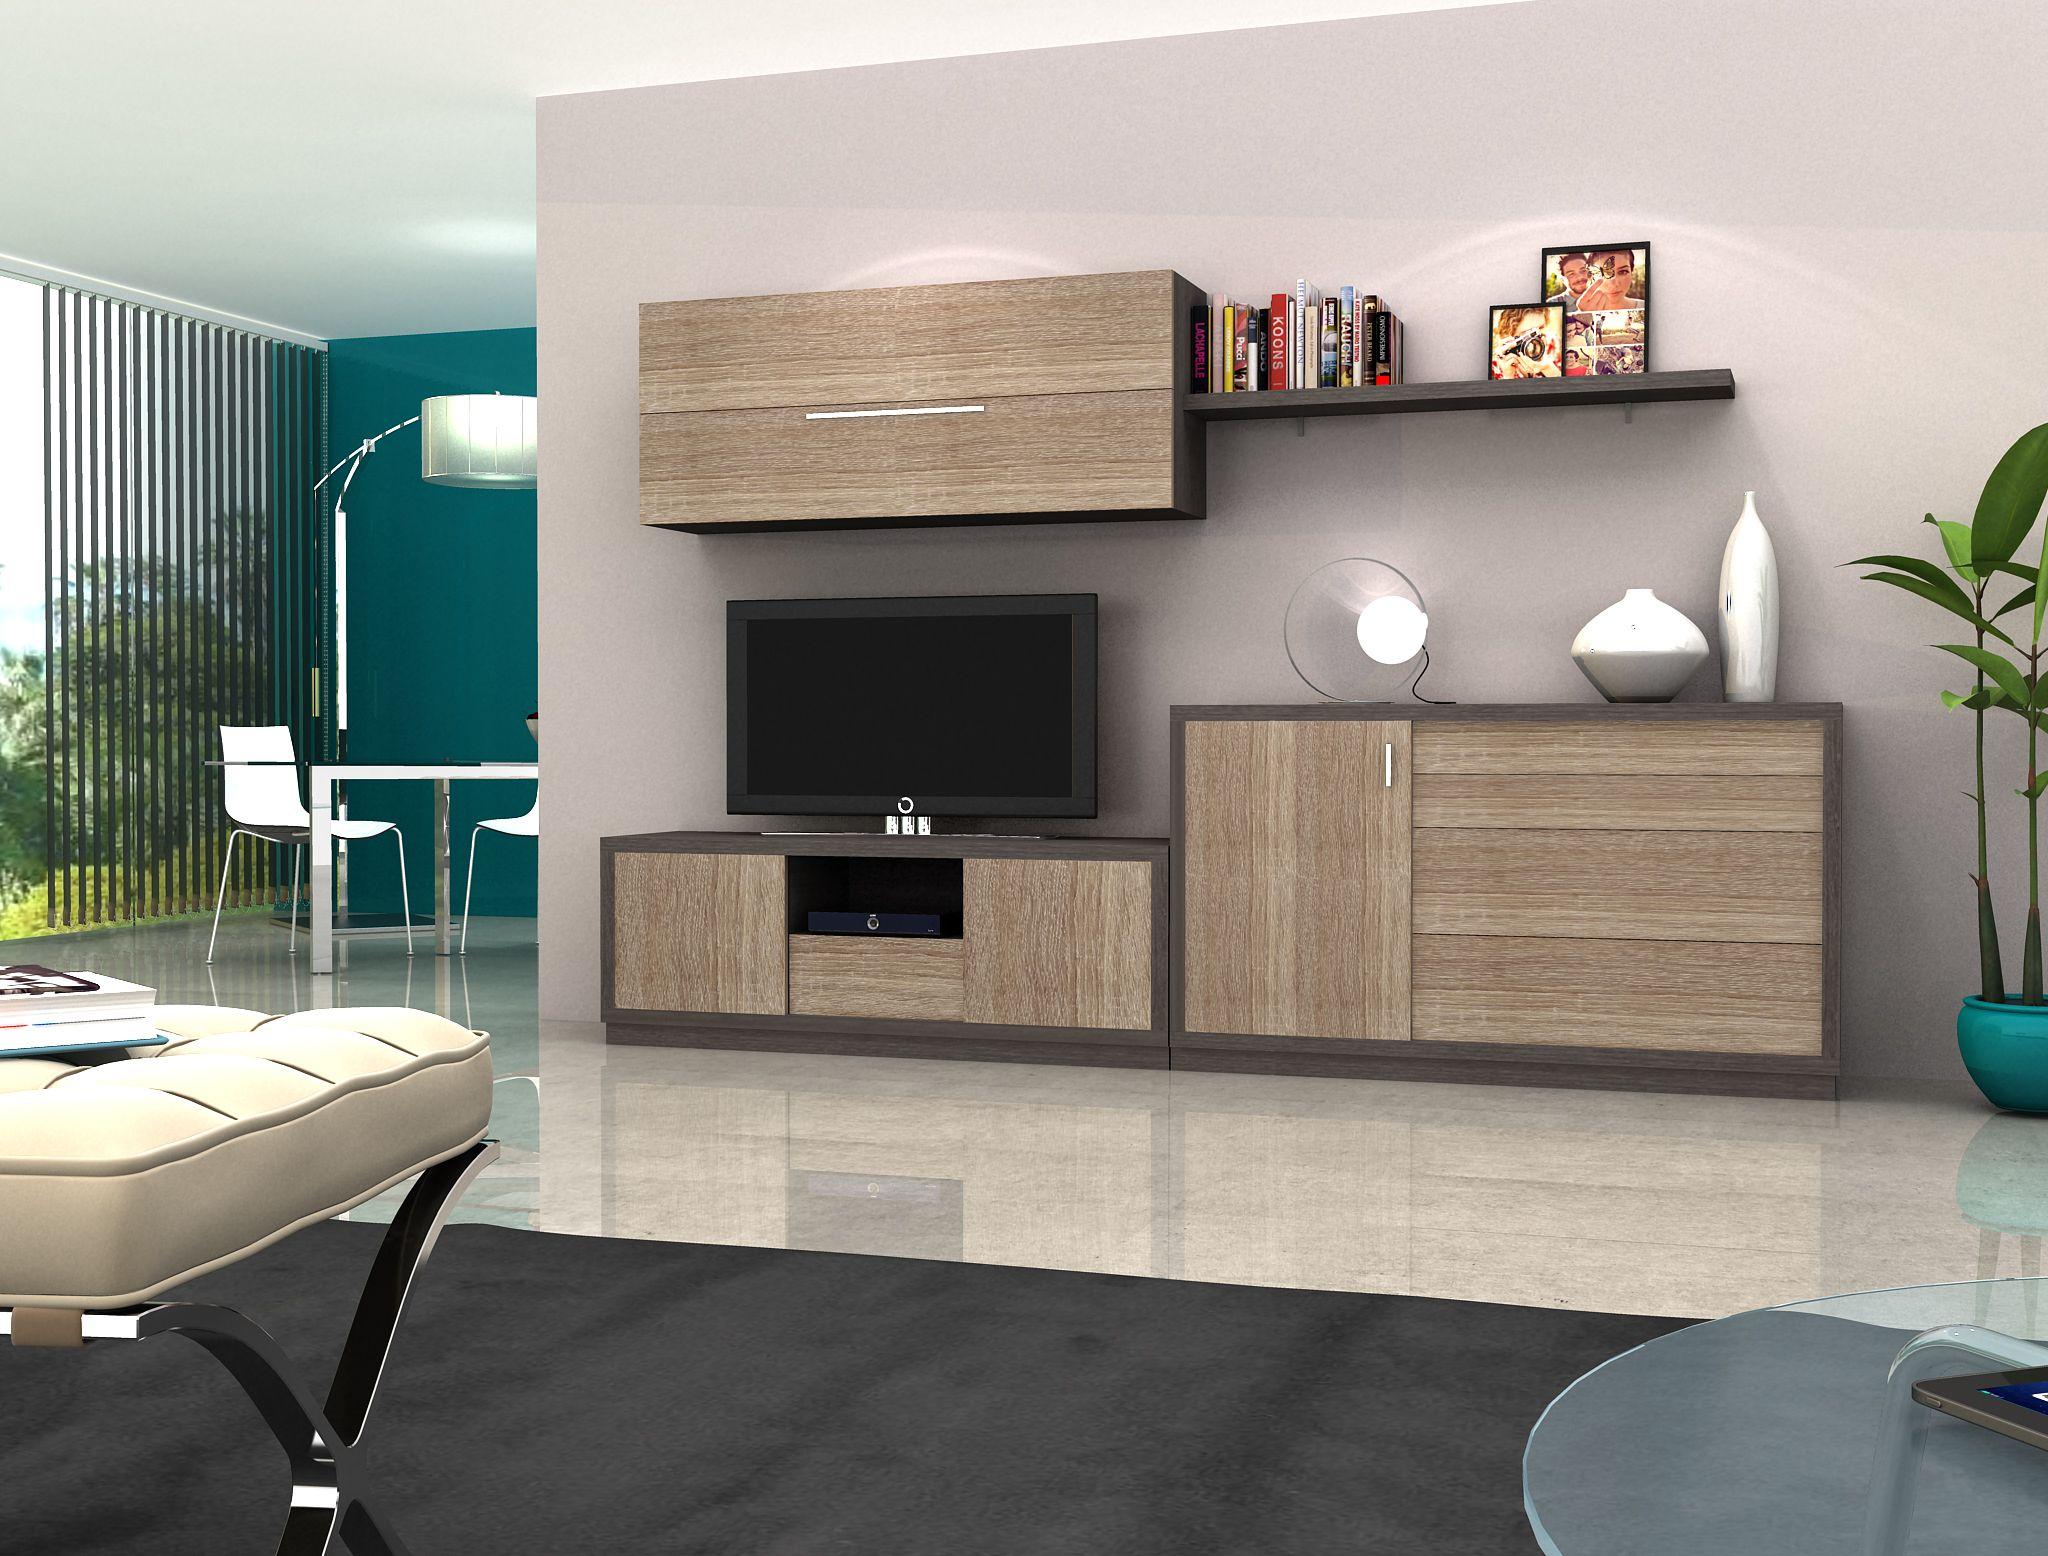 Sal n tamara mueble modular de daicar mobel sal n tamara for Muebles daicar